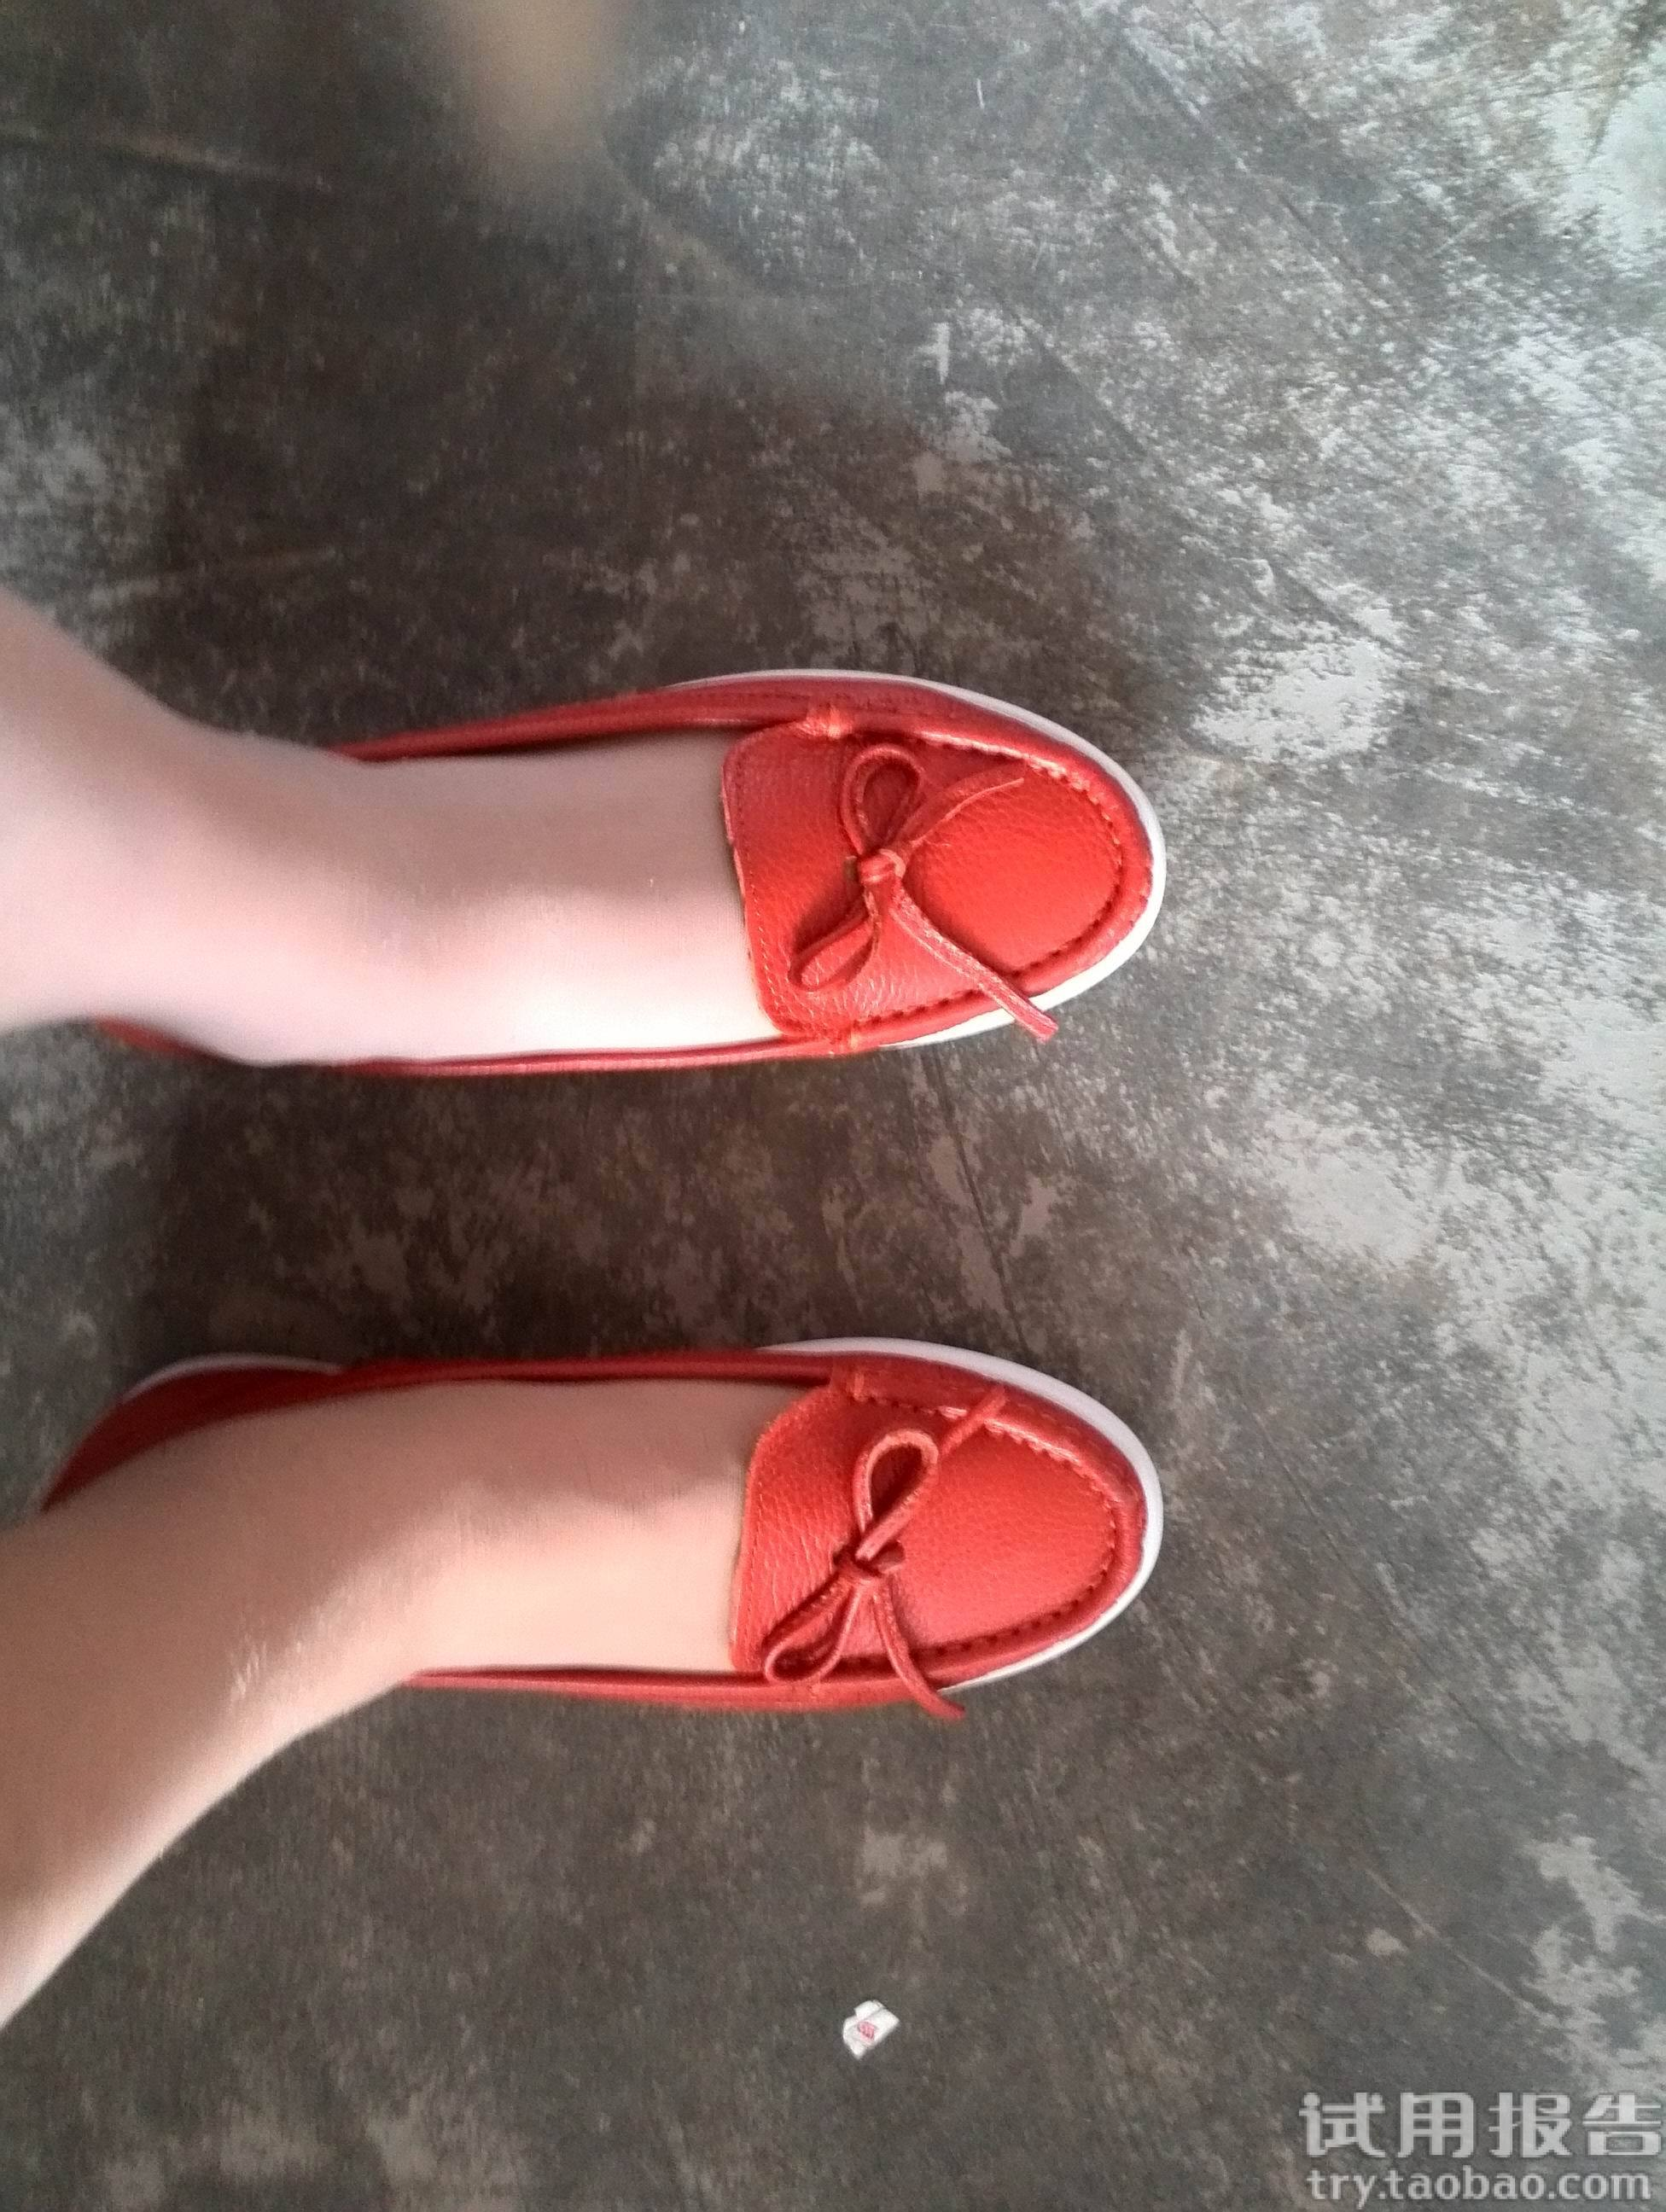 这双奥康女鞋舒适的基础上也不缺乏美观高清展示图 2